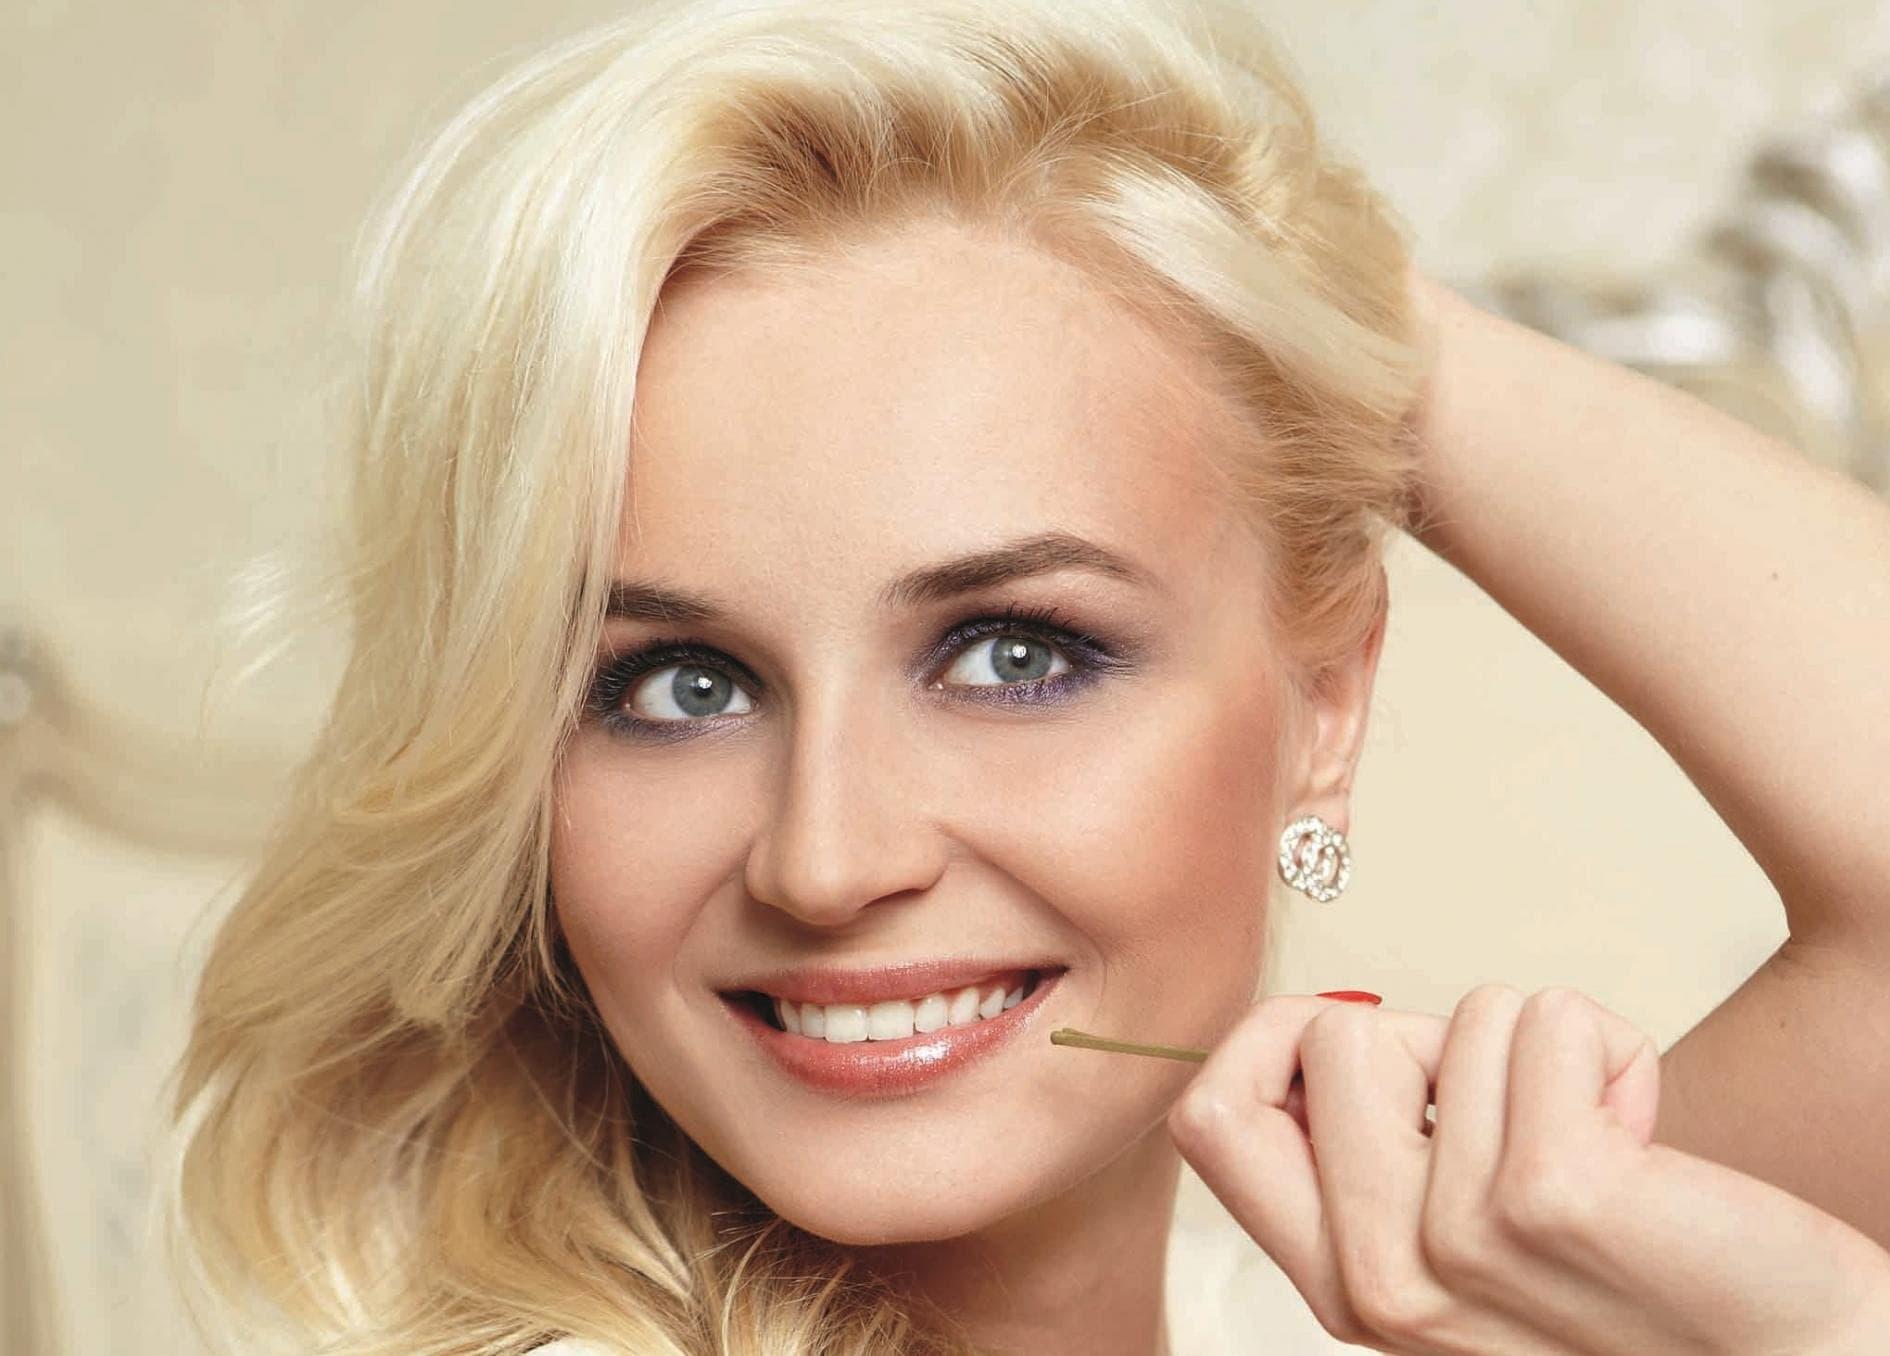 Фото российских звезд женского пола